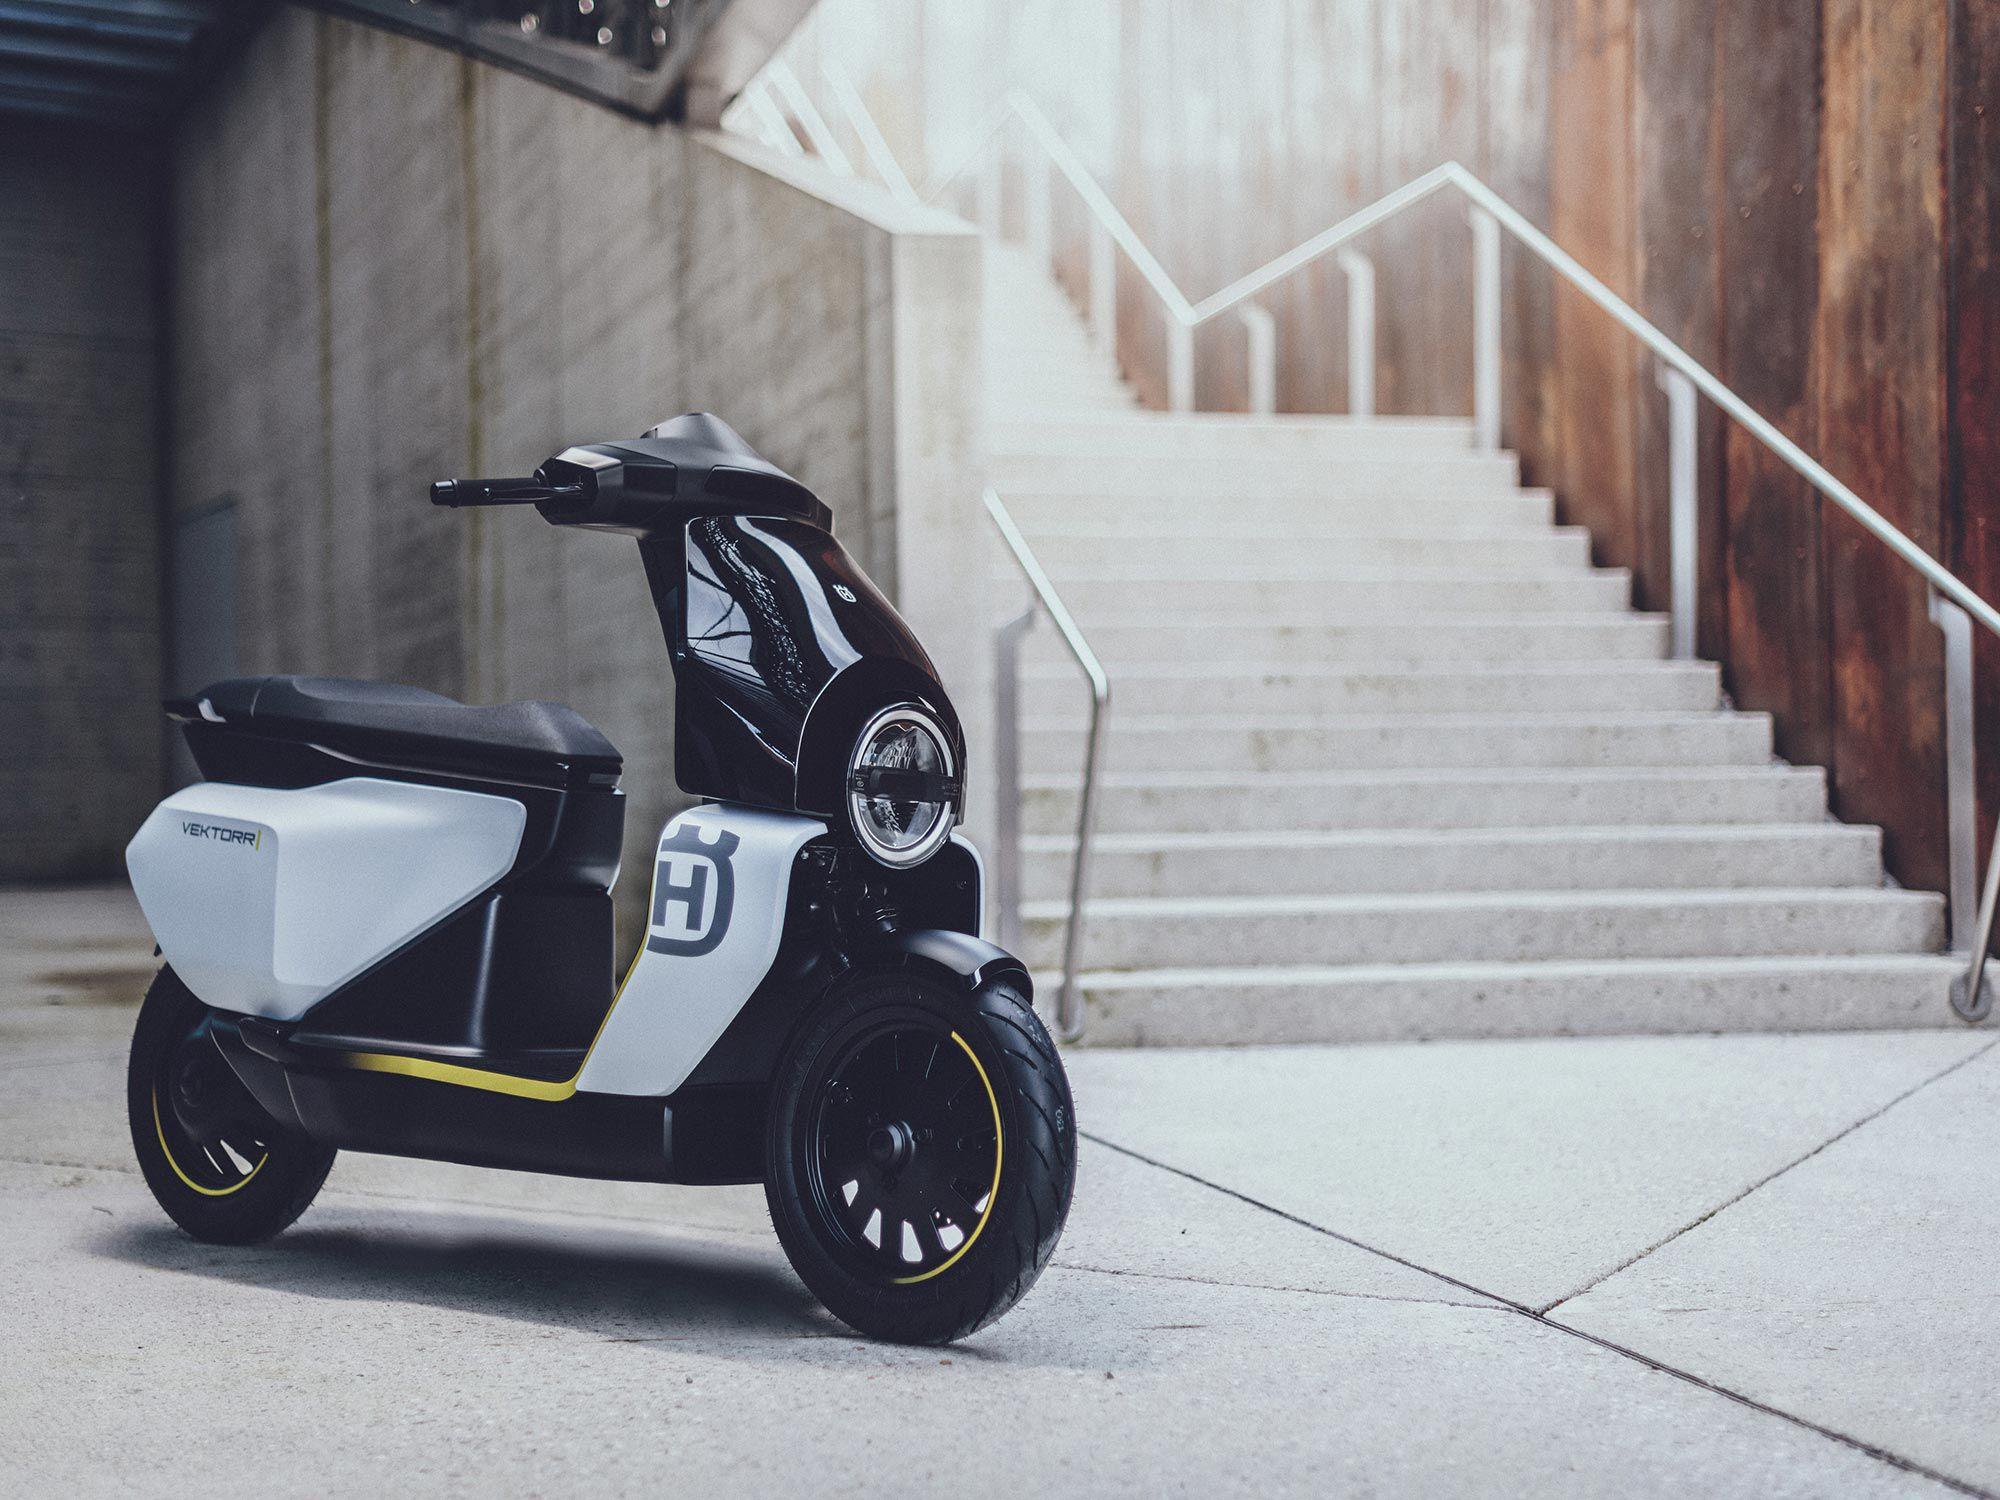 Het Vektorr Concept voegt zich bij Husqvarna's groeiende emobiliteitslijn.